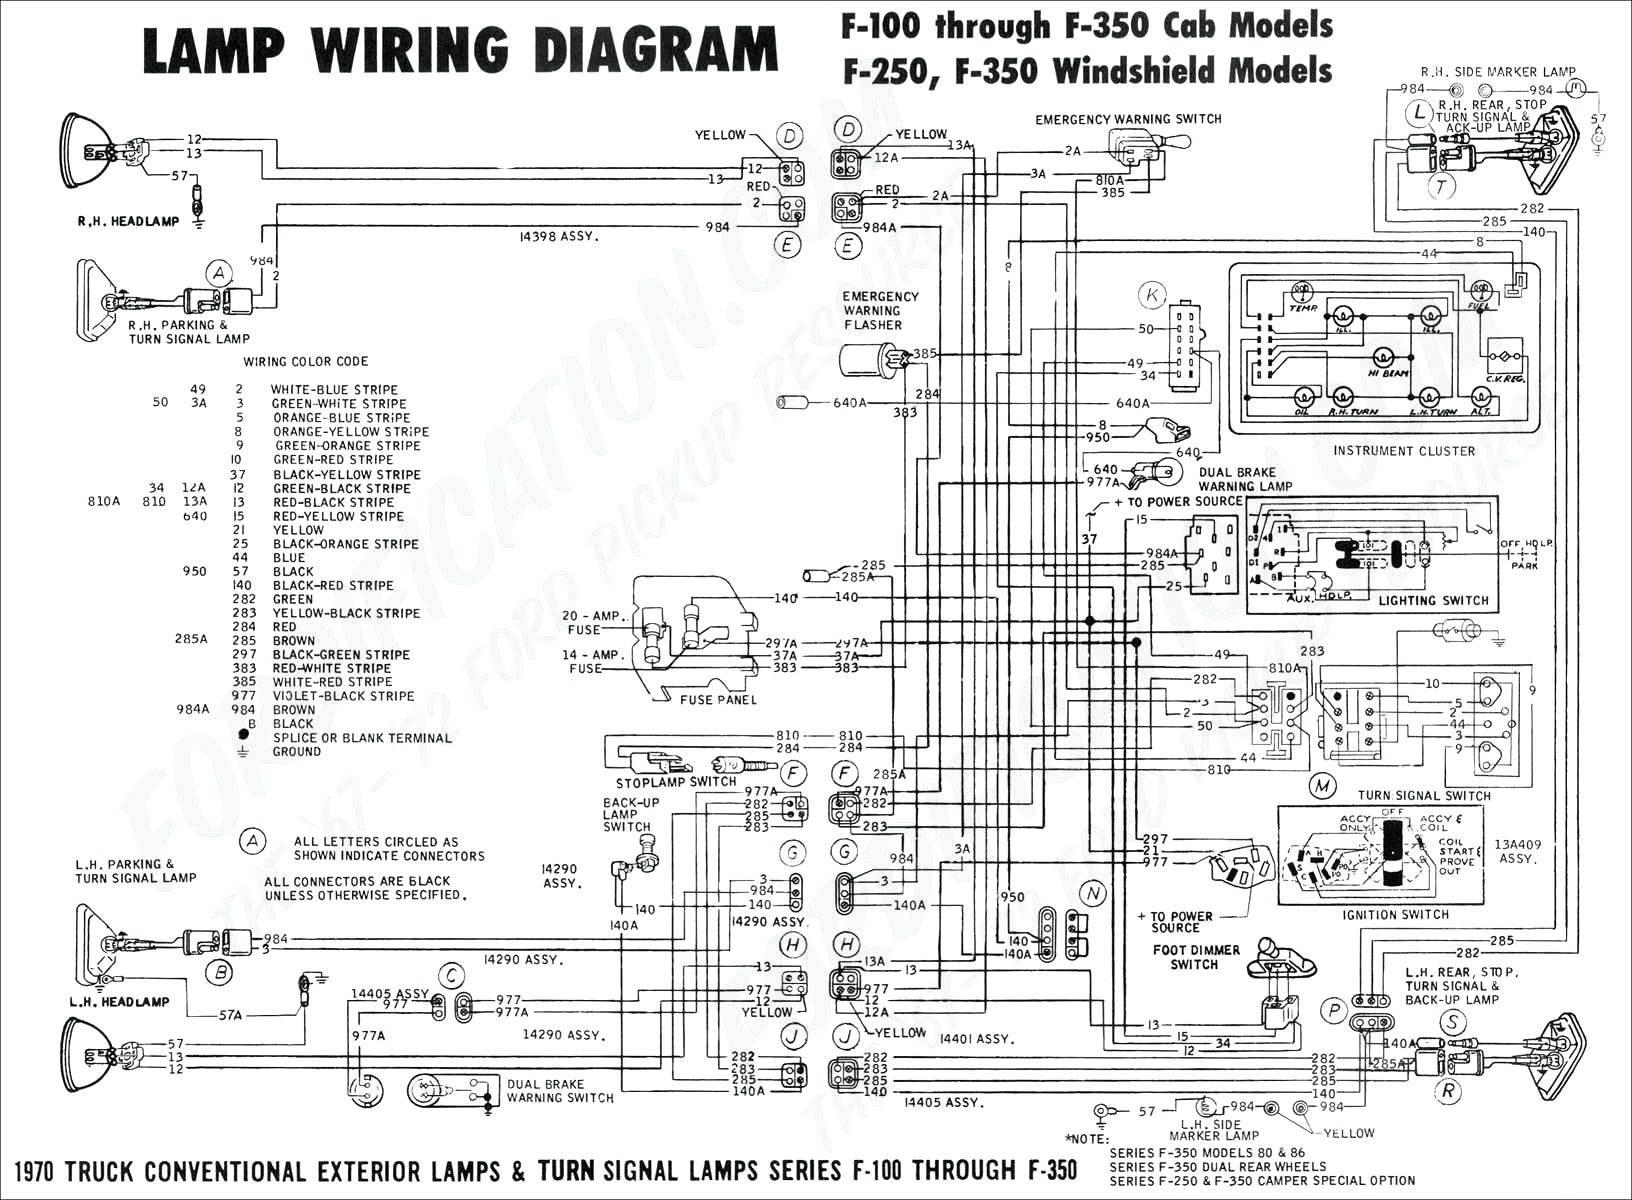 2005 Chevy Silverado Tail Light Wiring Diagram from detoxicrecenze.com